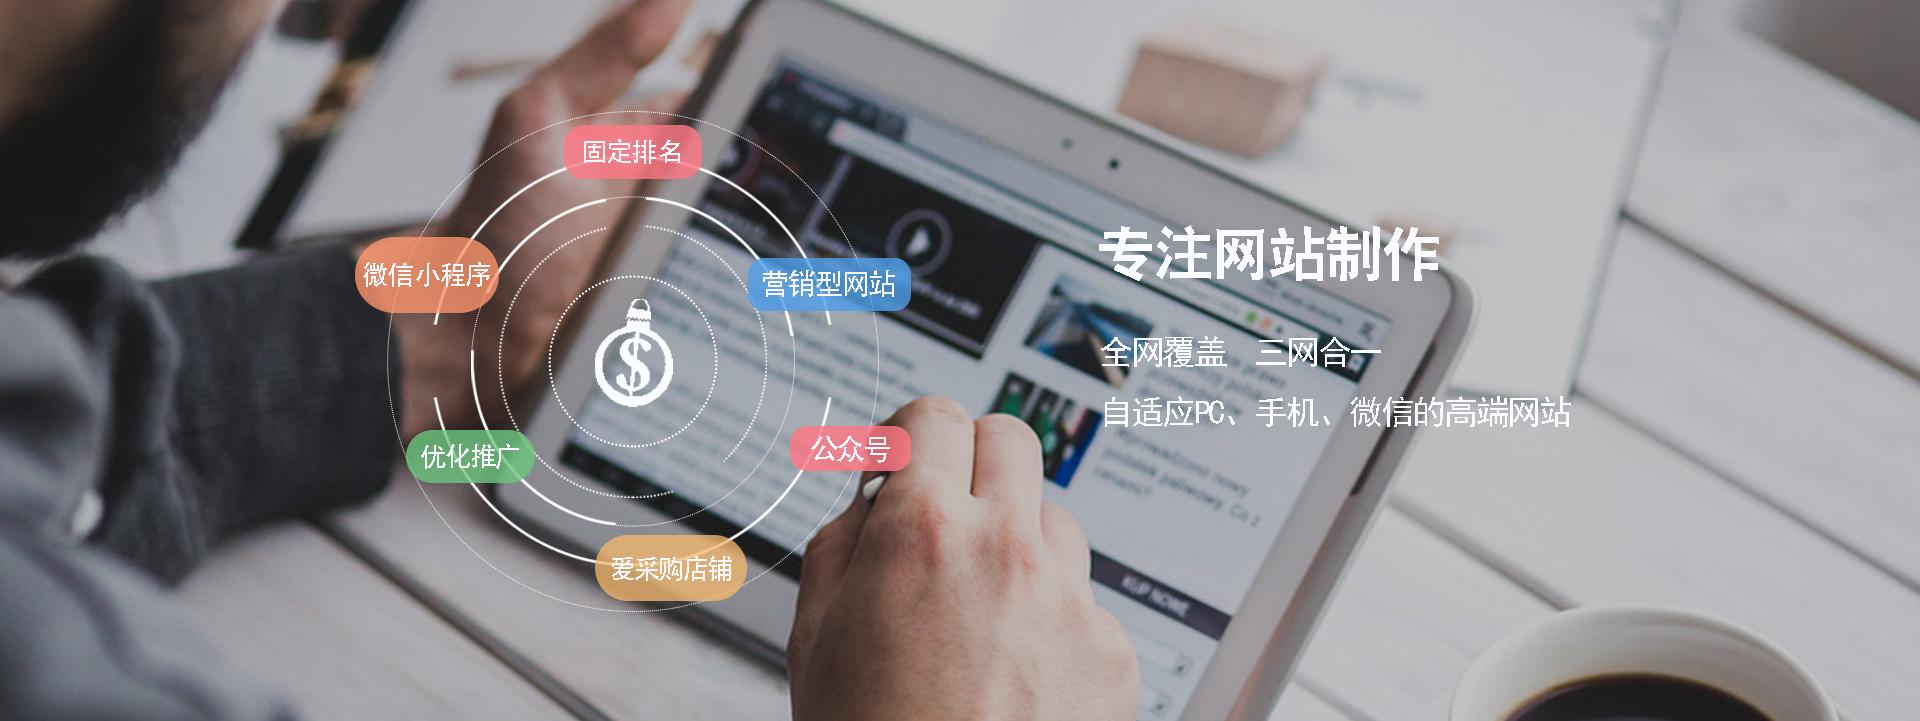 沧州网站建设公司